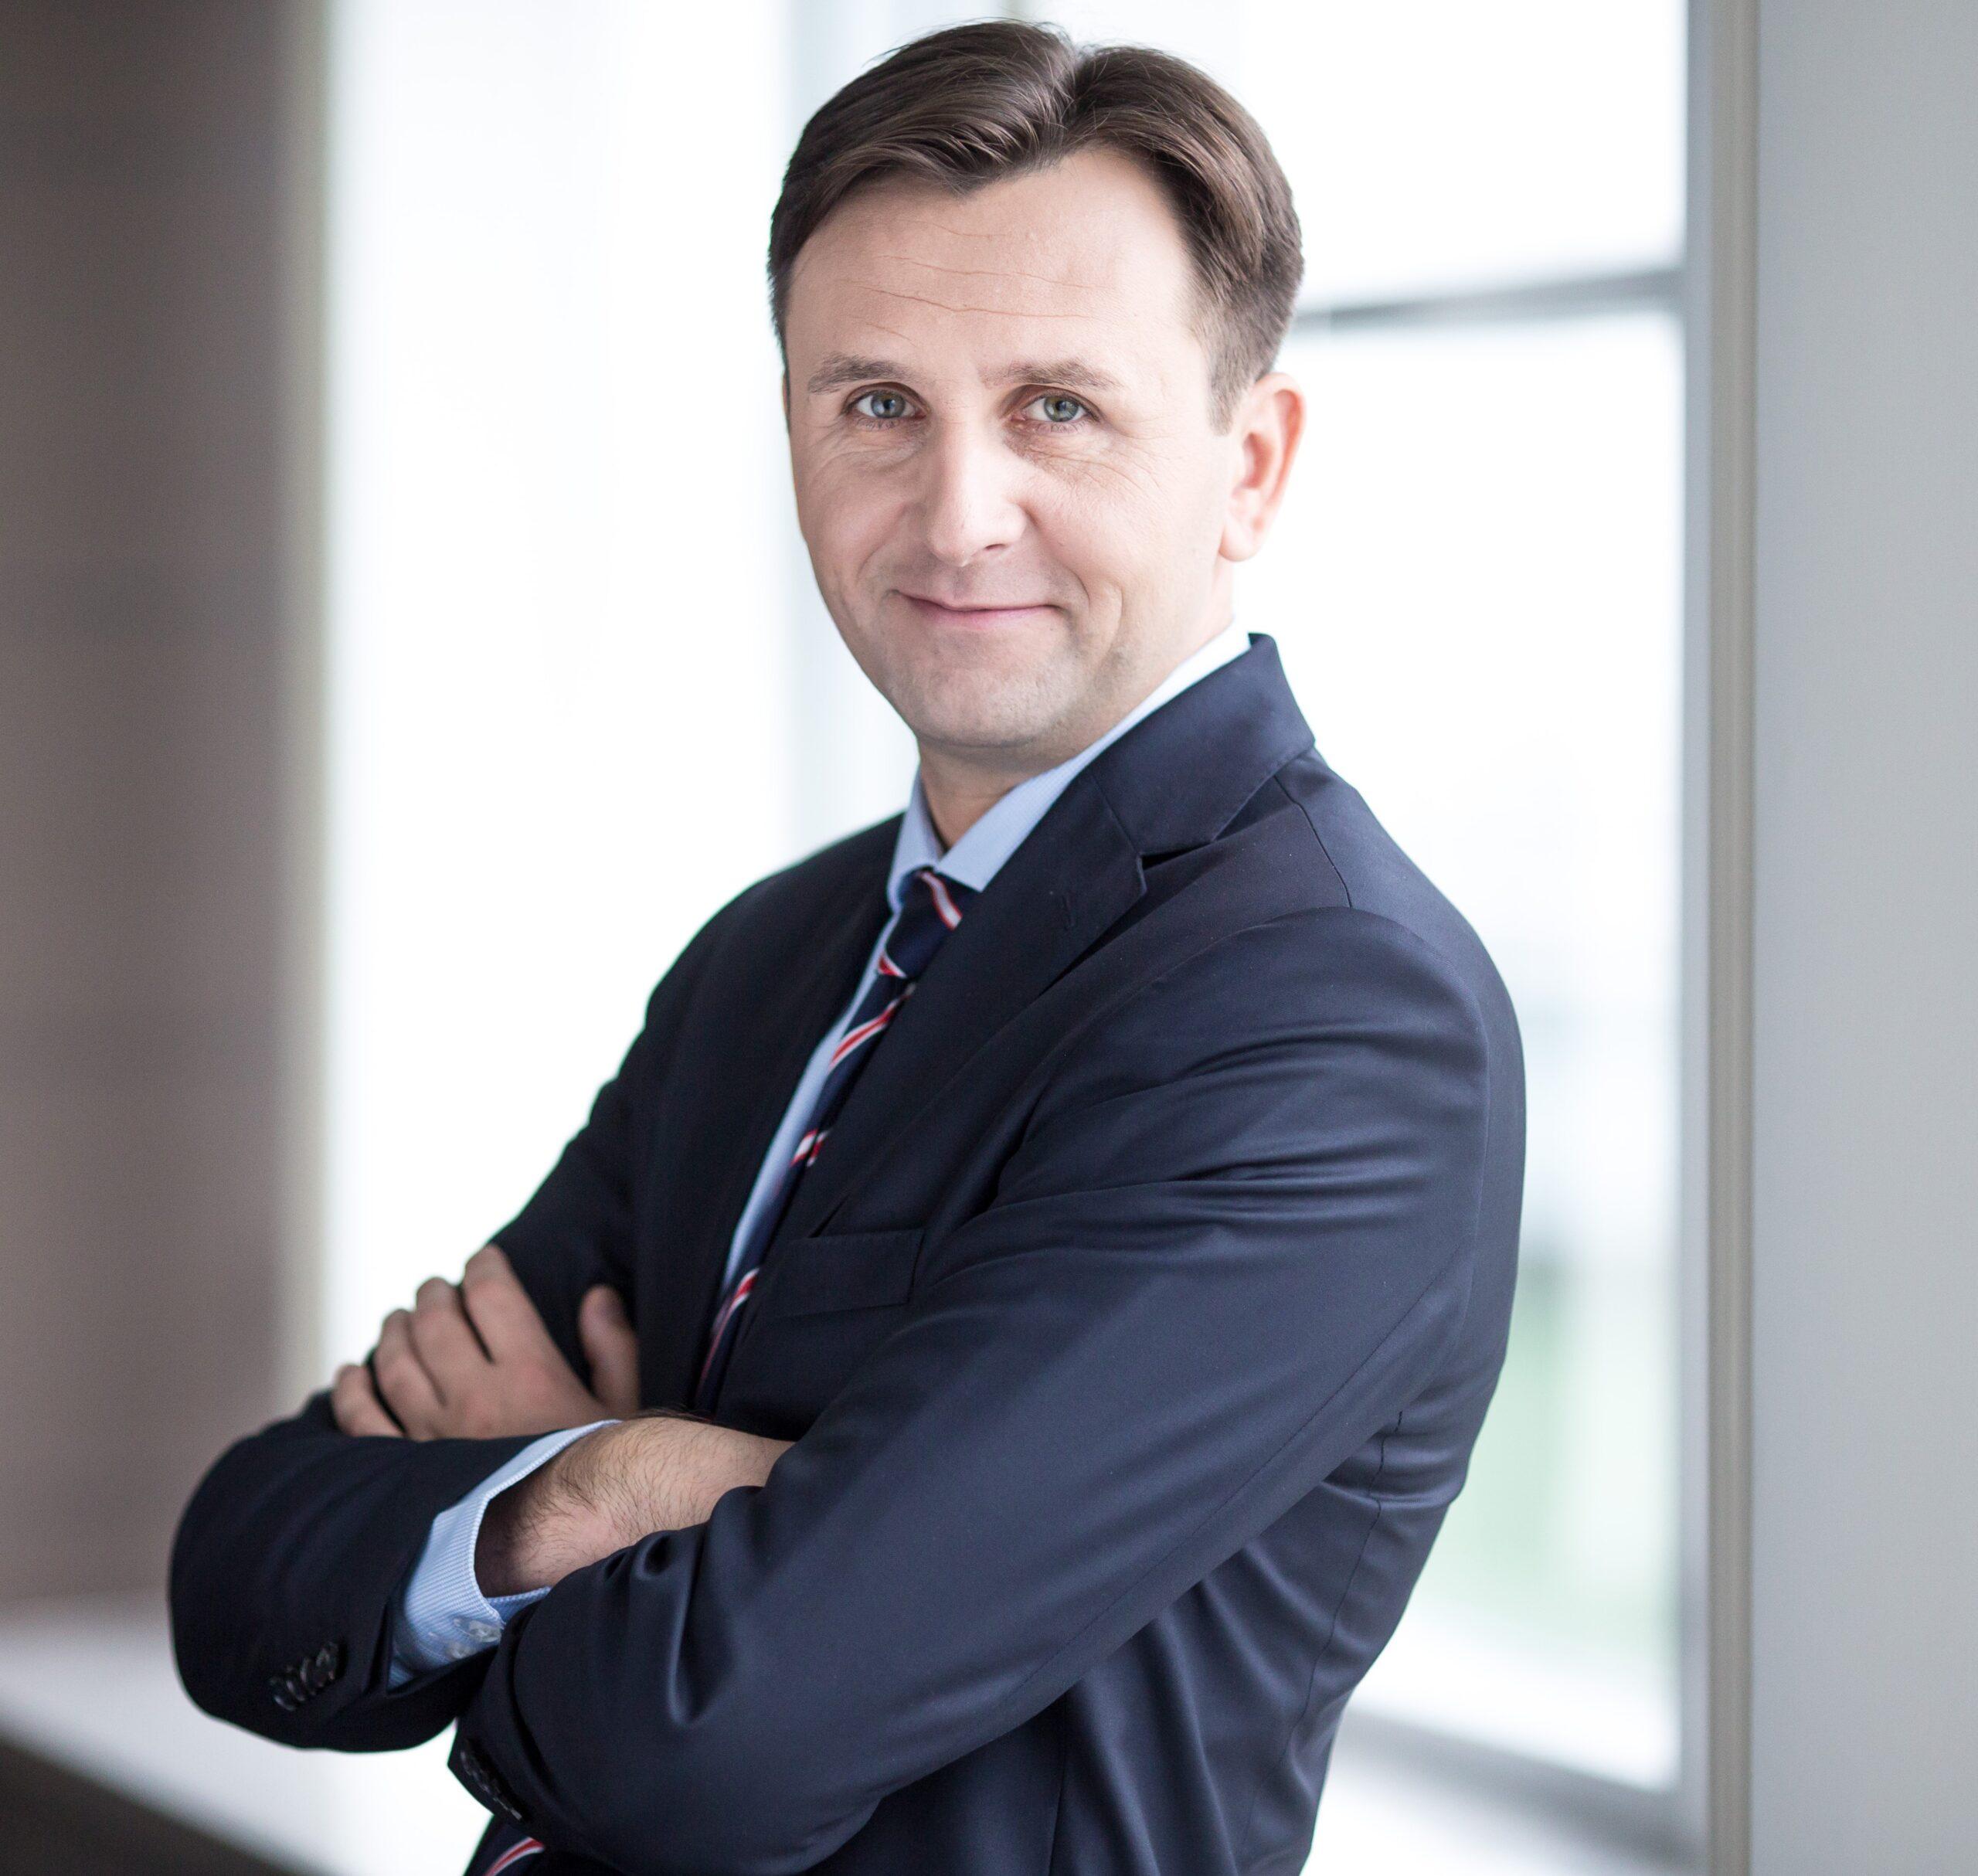 Michal Kaczmarzyk